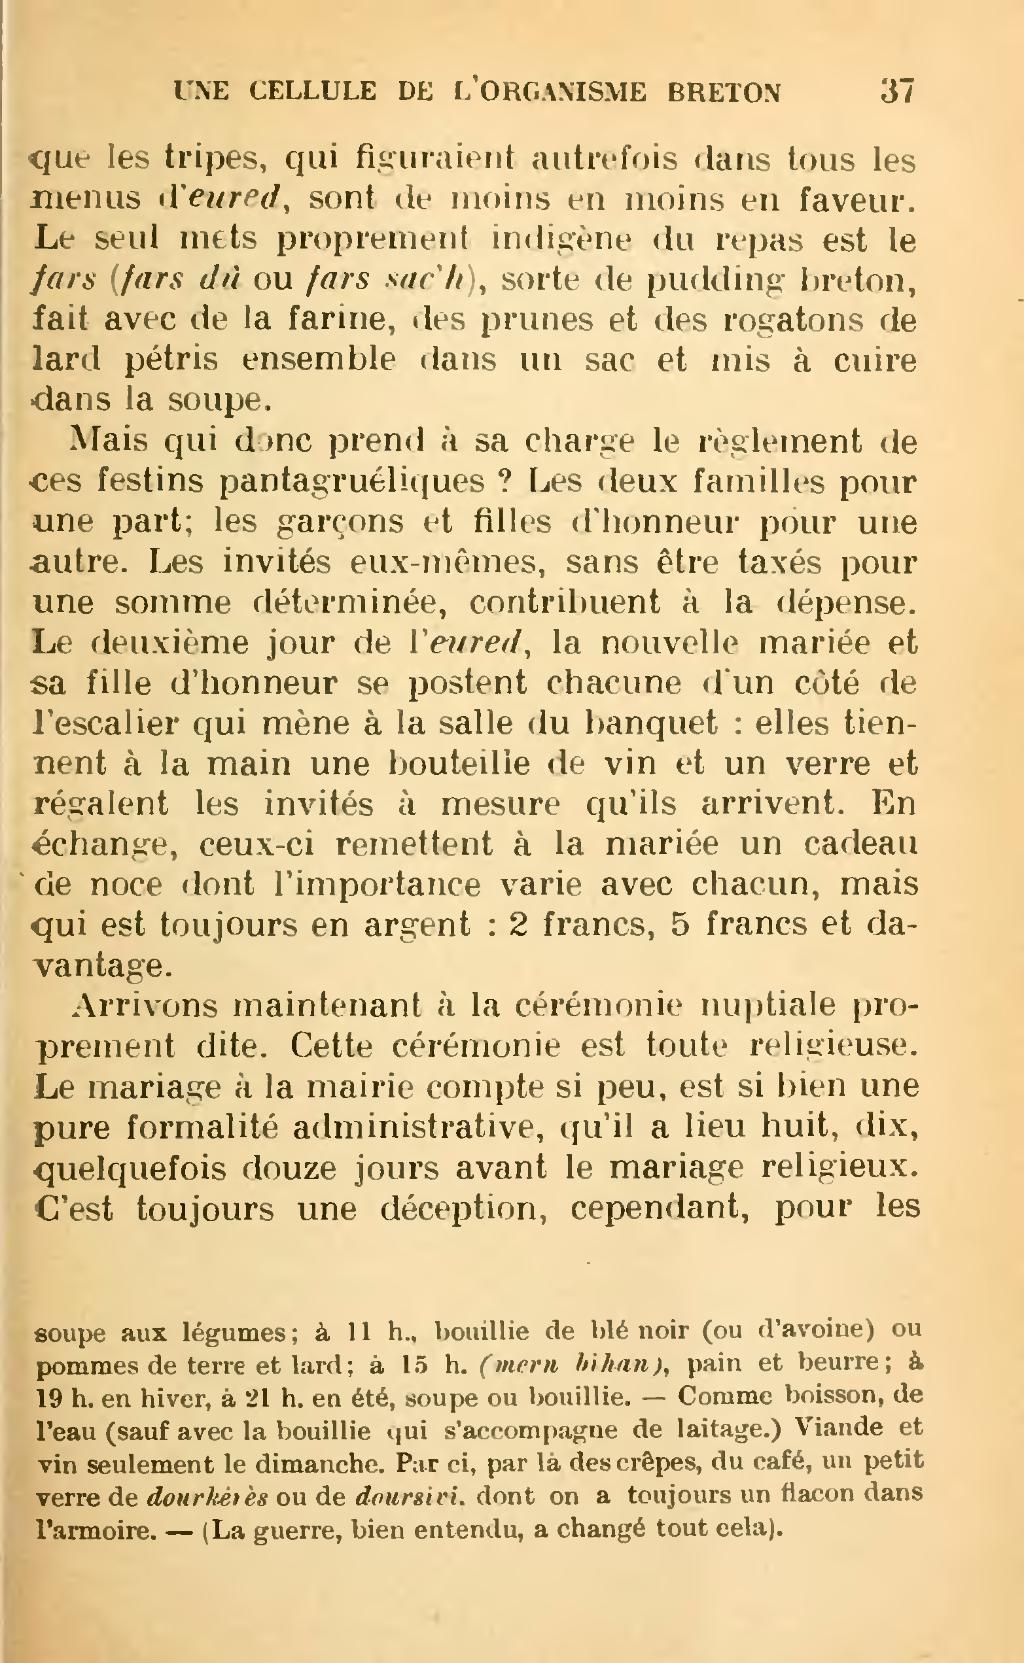 Armoire De Mariage Bretonne page:le goffic - l'Âme bretonne série 4, 1924.djvu/67